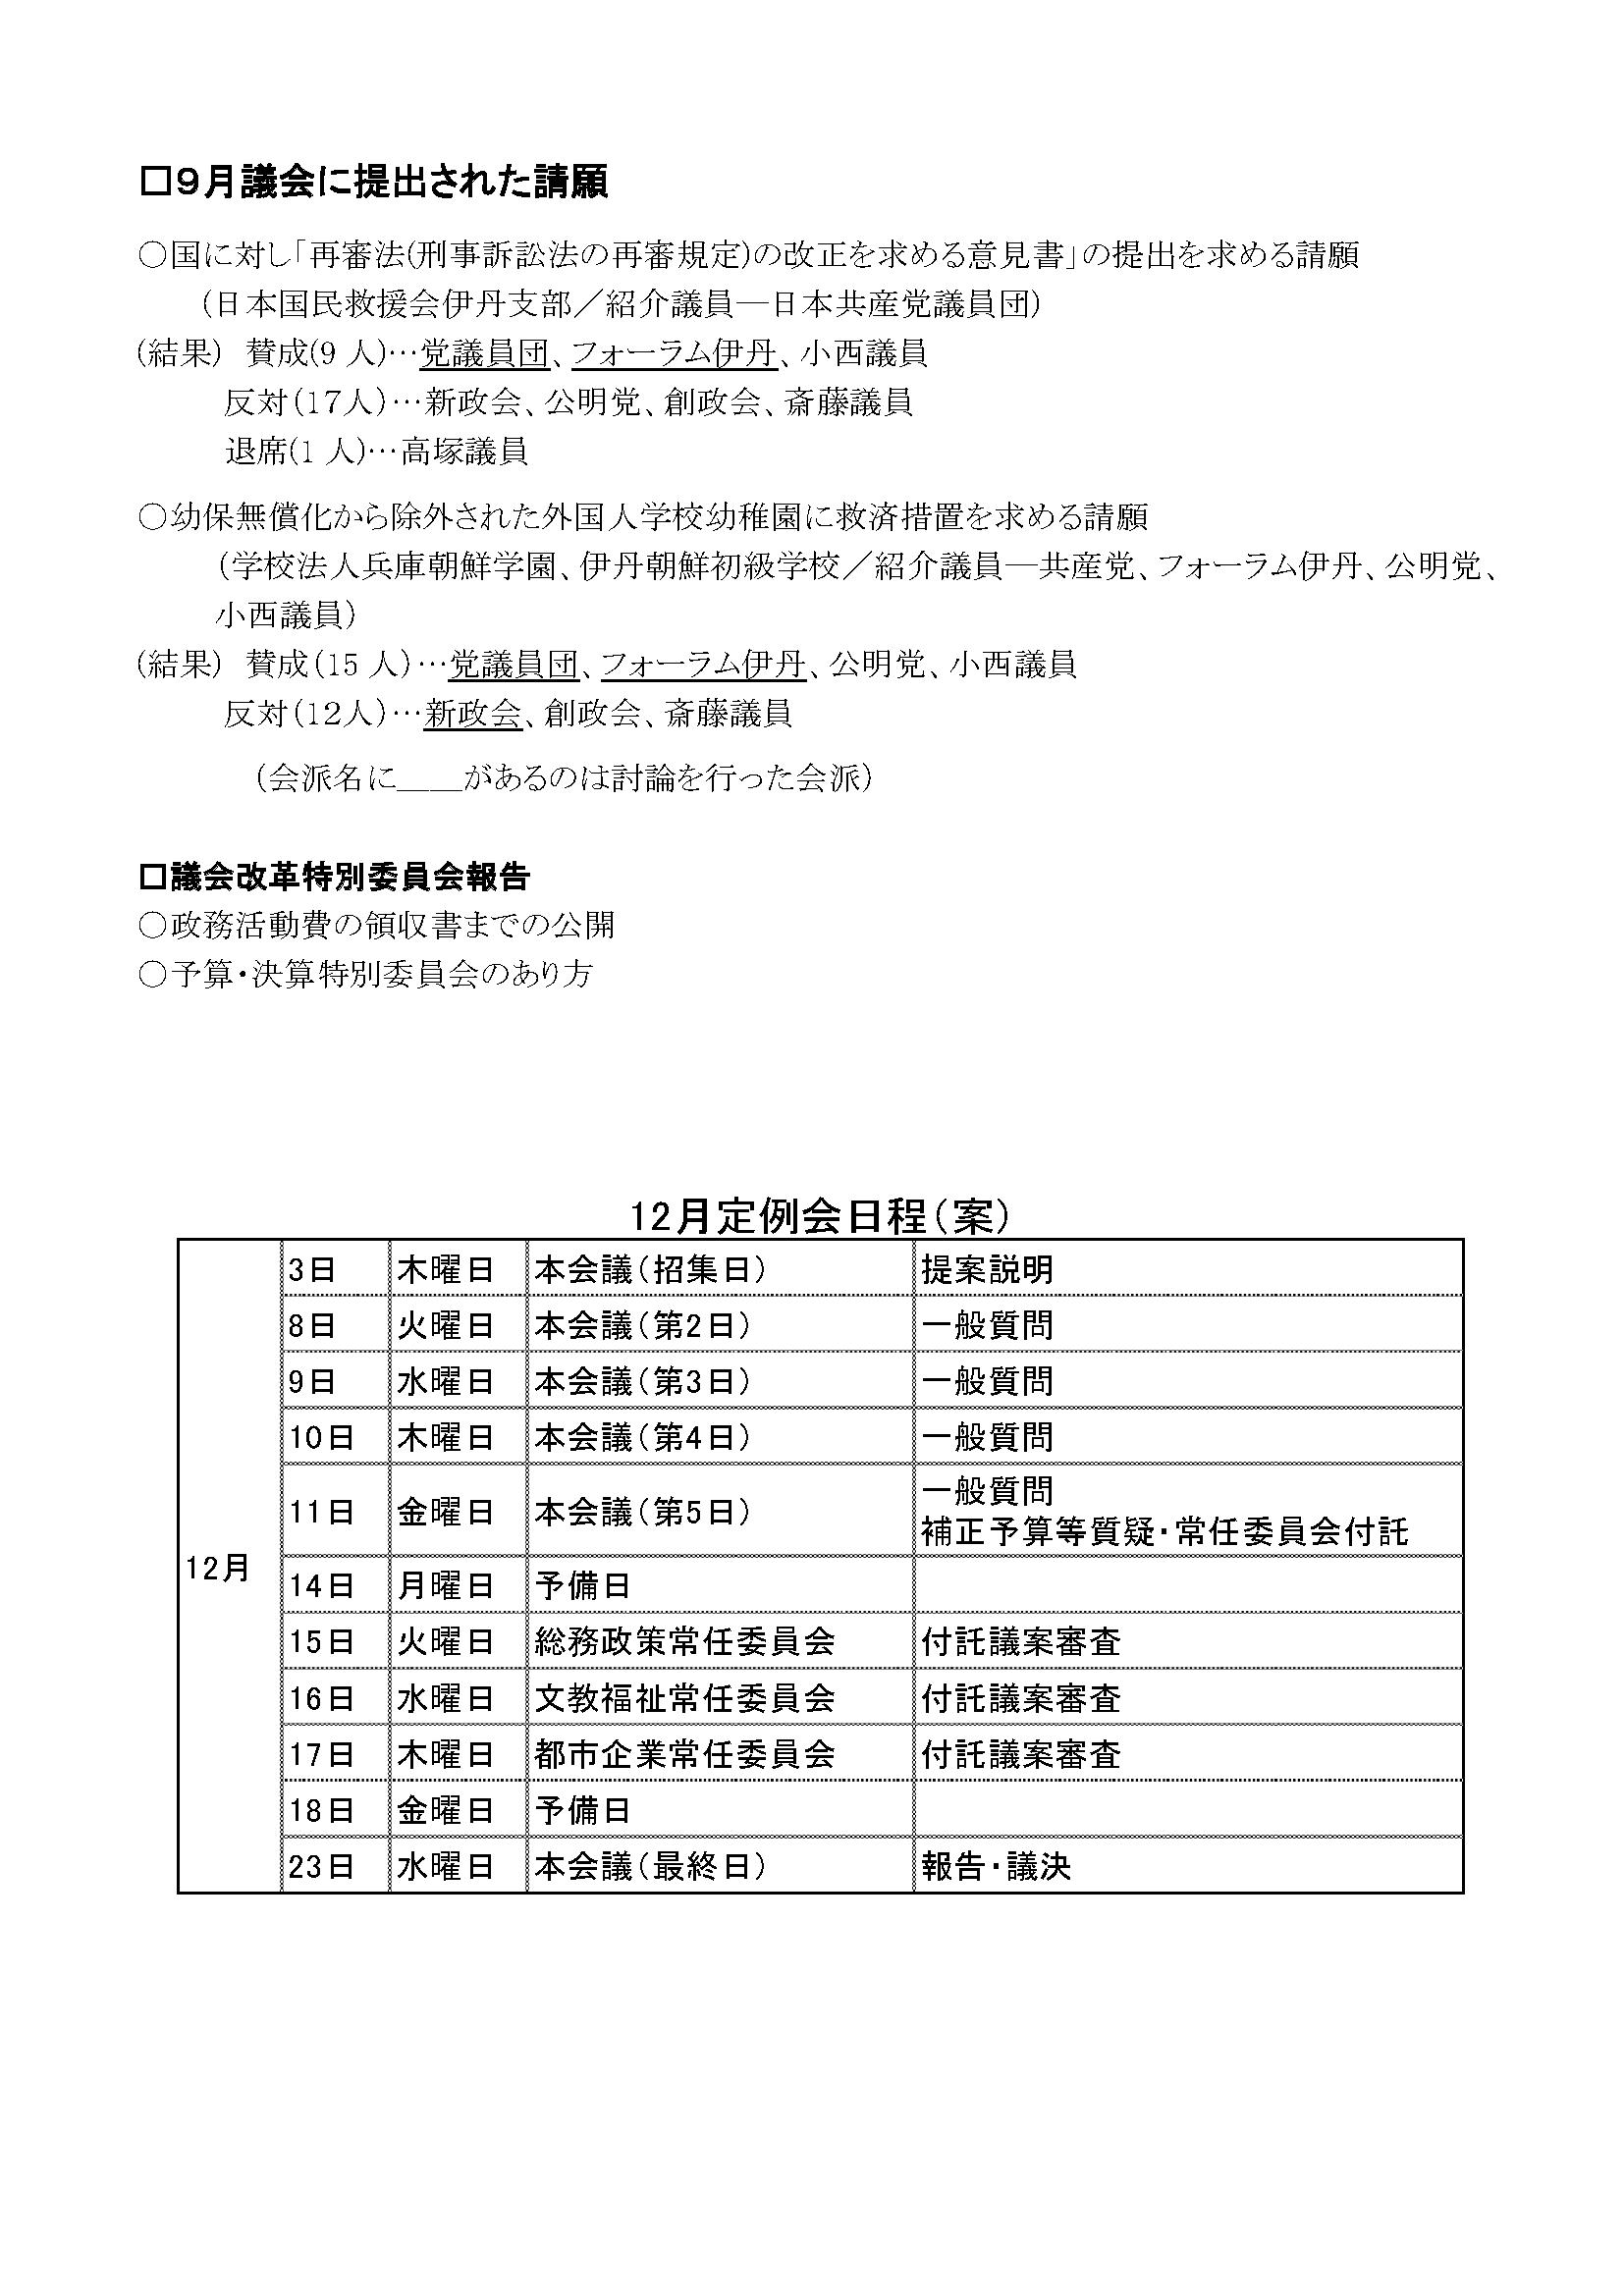 日本共産党伊丹市議団ニュース370号(裏面)